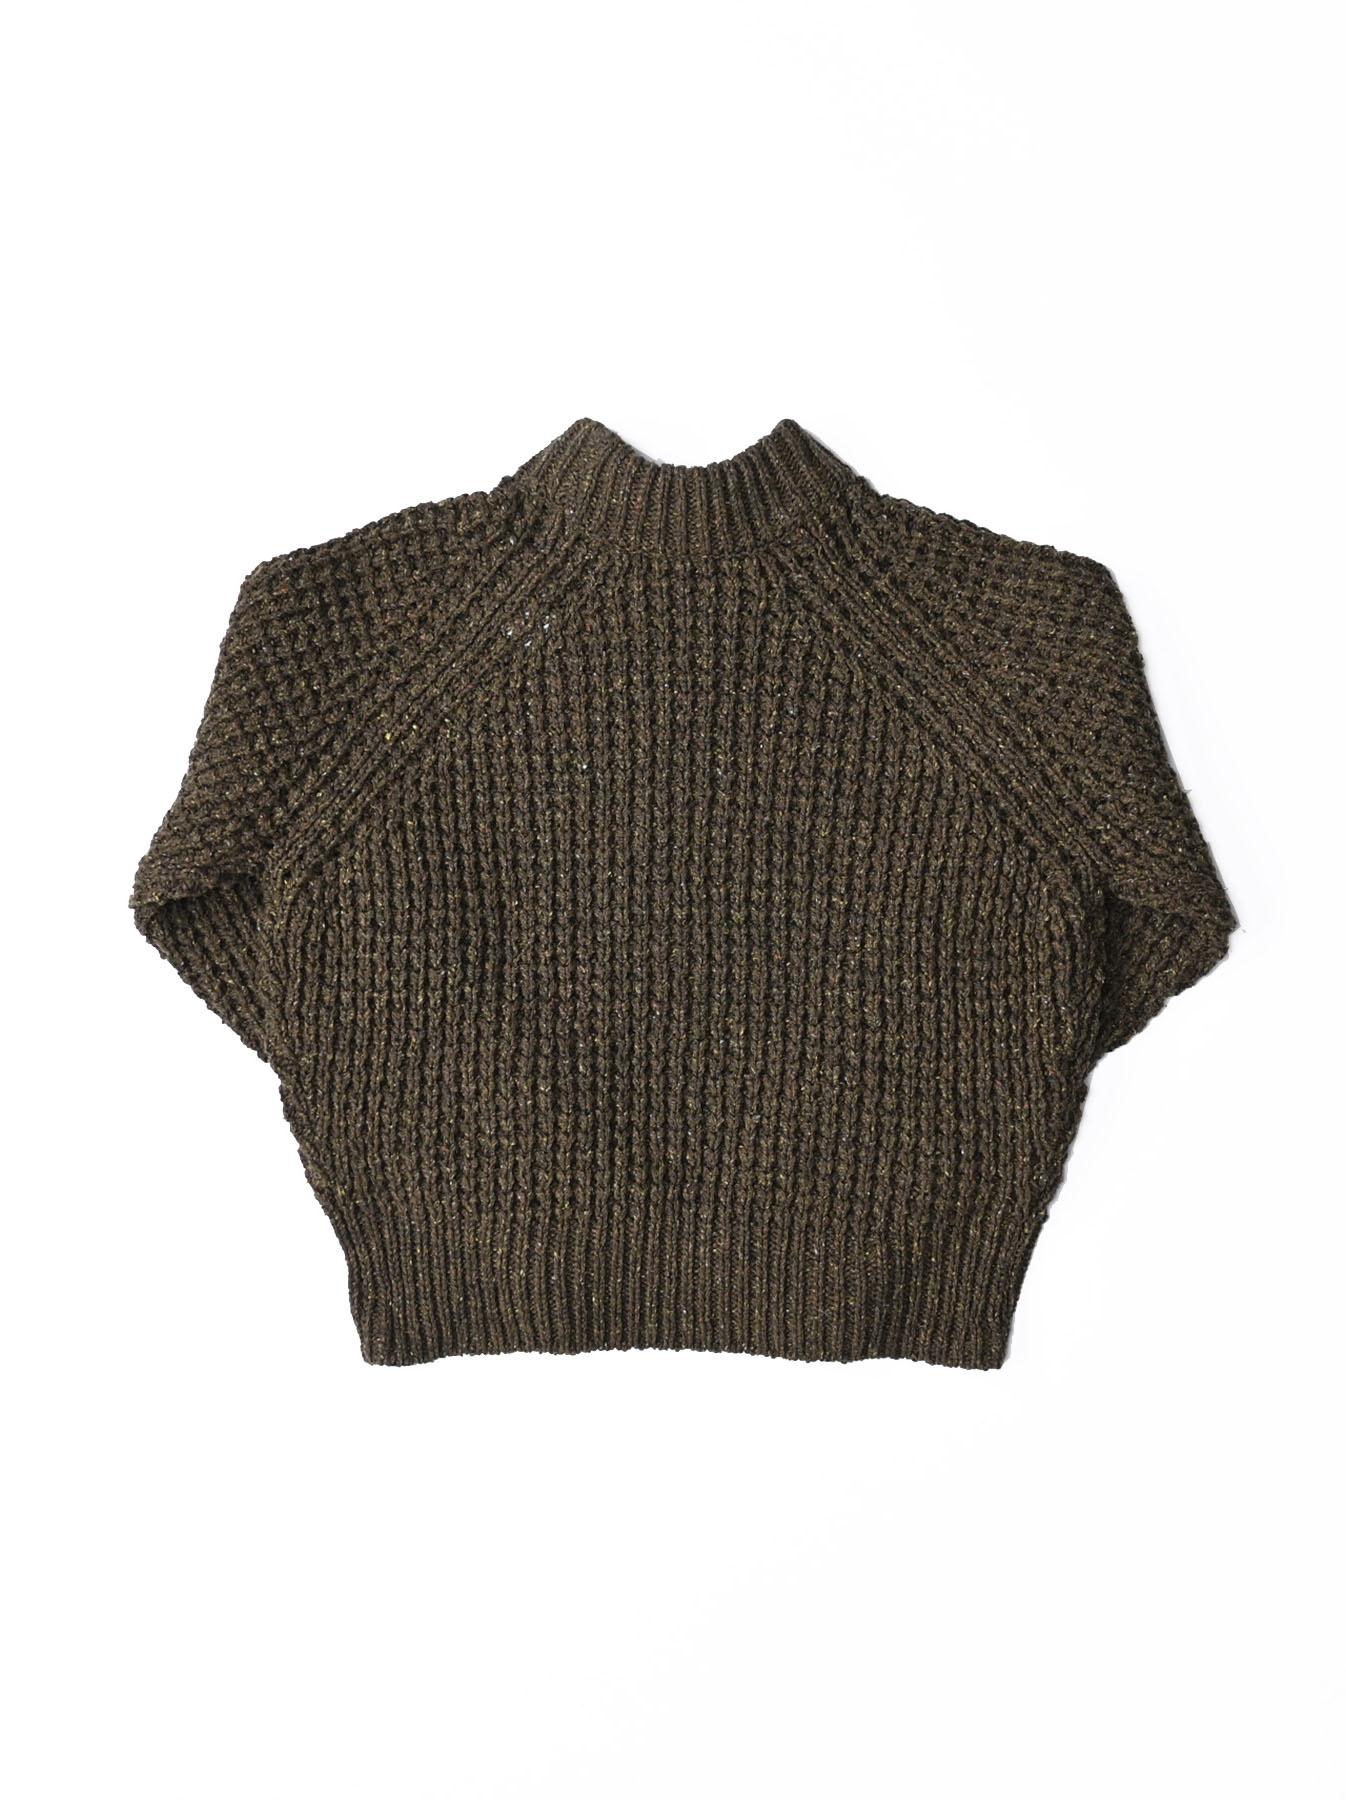 Cotton Knit-sew Big Waffle Sweater-5